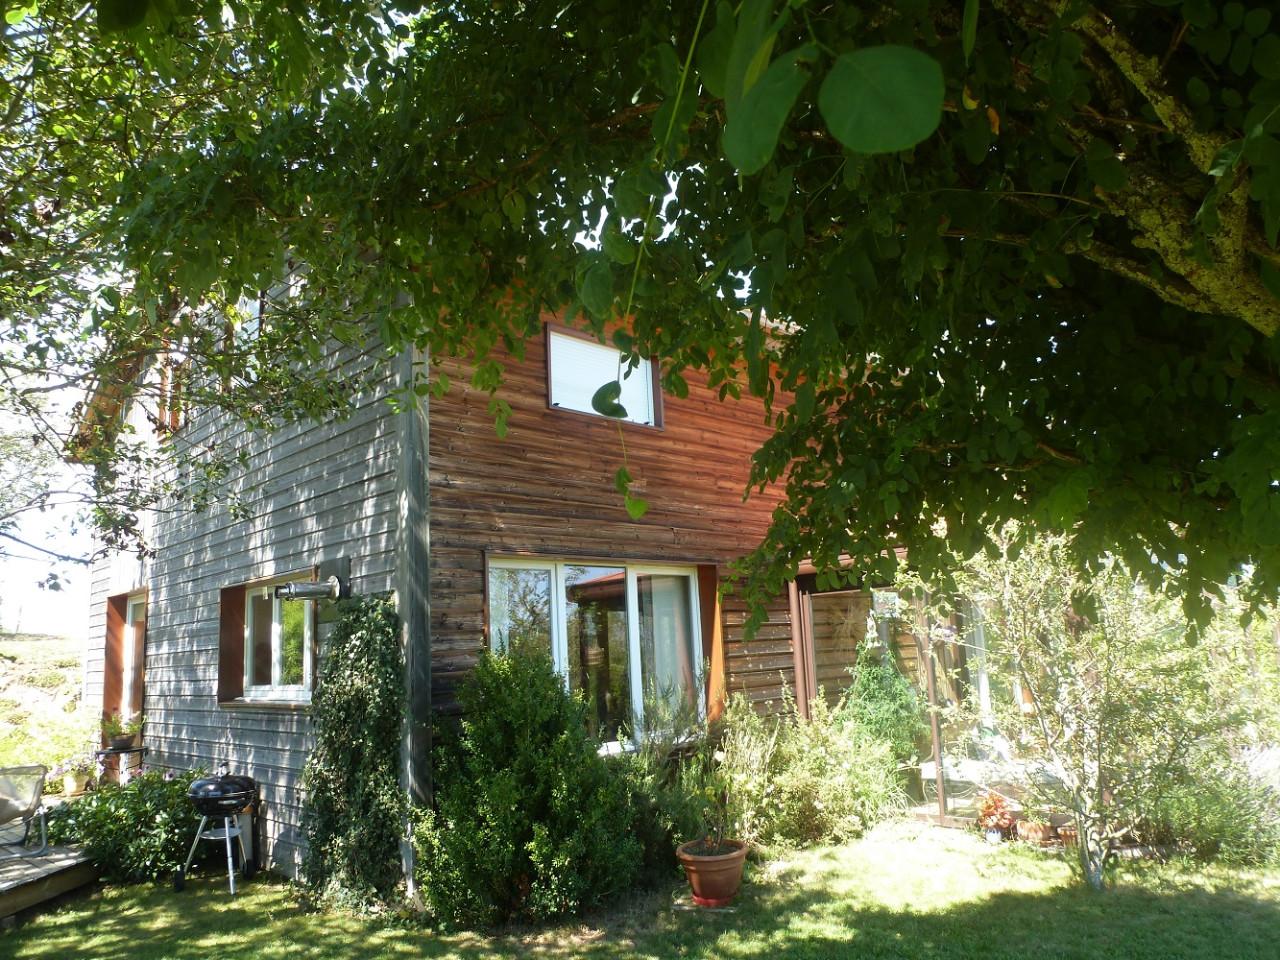 chatagnon immobilier maison dans un cadre verdoyant sur terrain complant d 39 essences